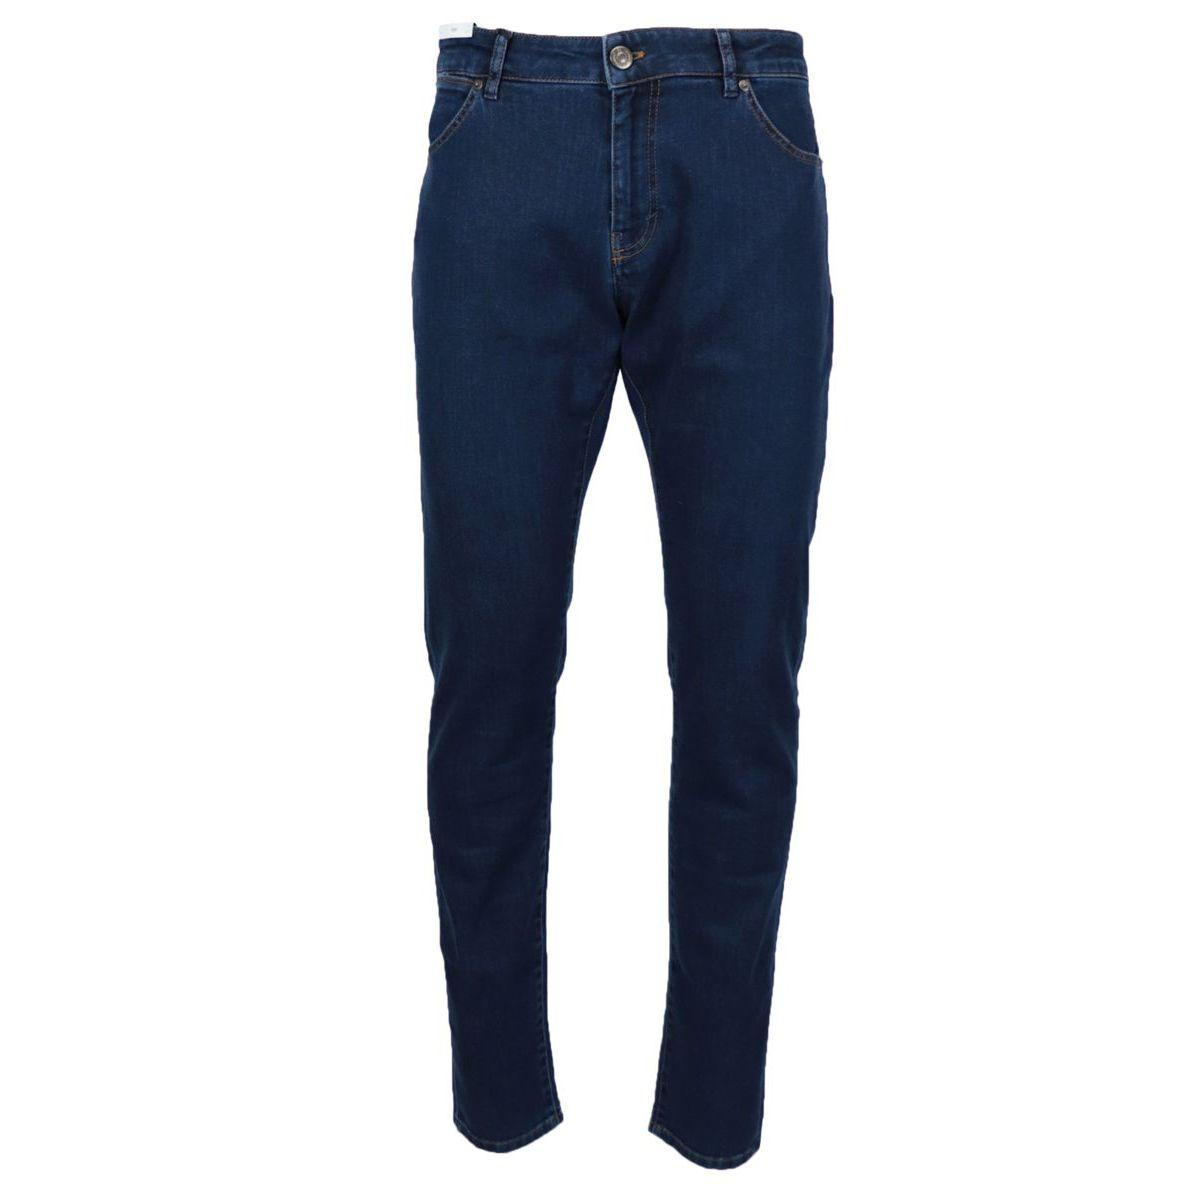 Soul jeans in slim cotton denim Dark denim PT TORINO